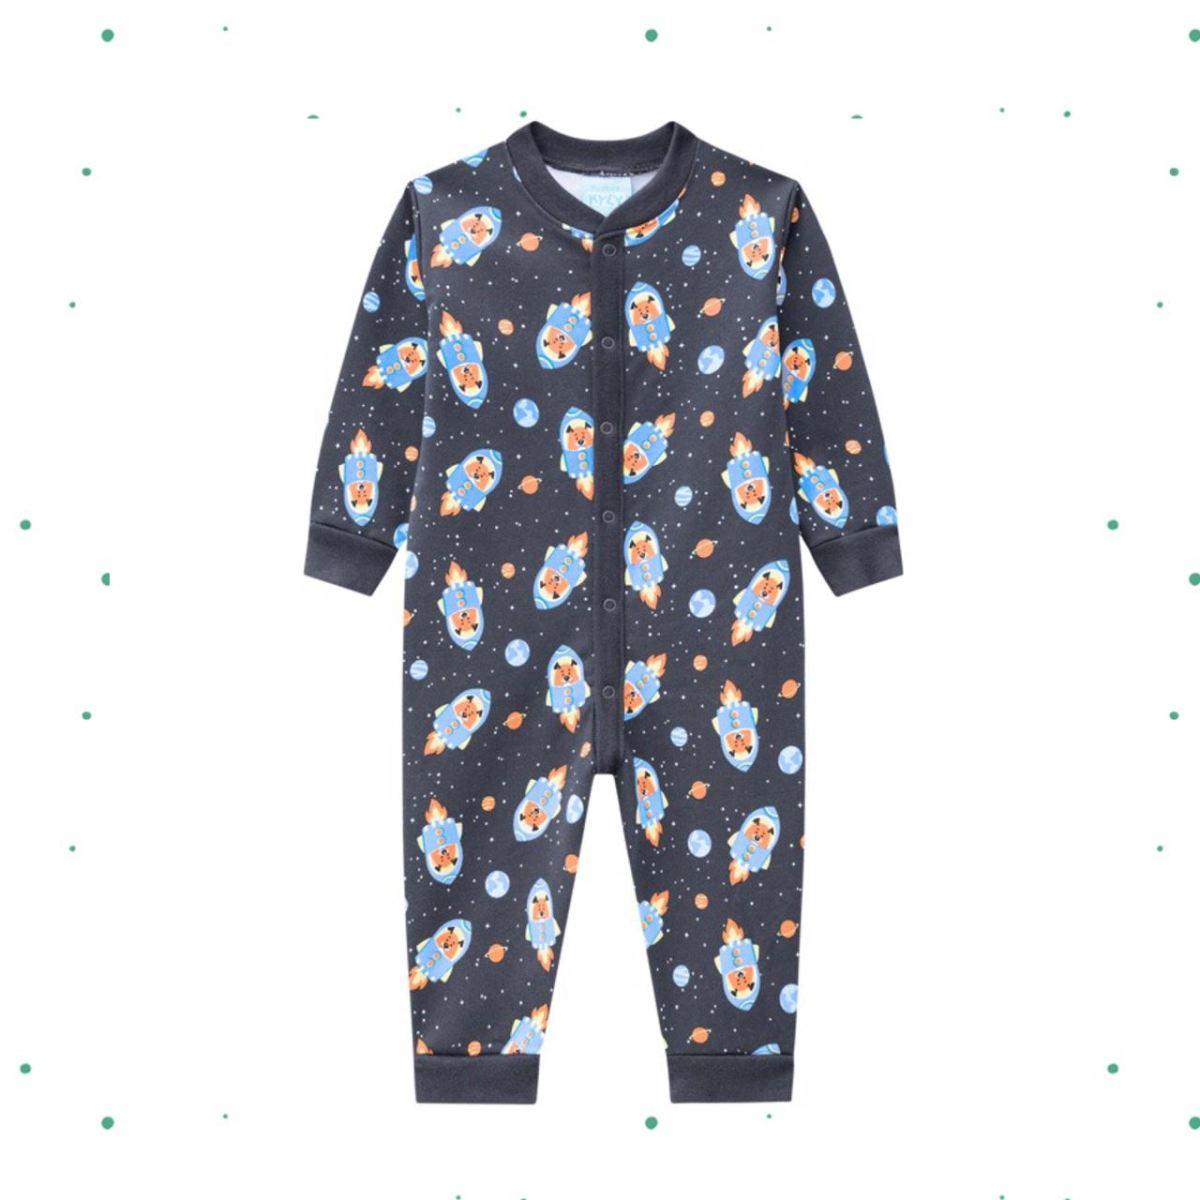 Macacão Pijama Menino Kyly em Algodão Estampado